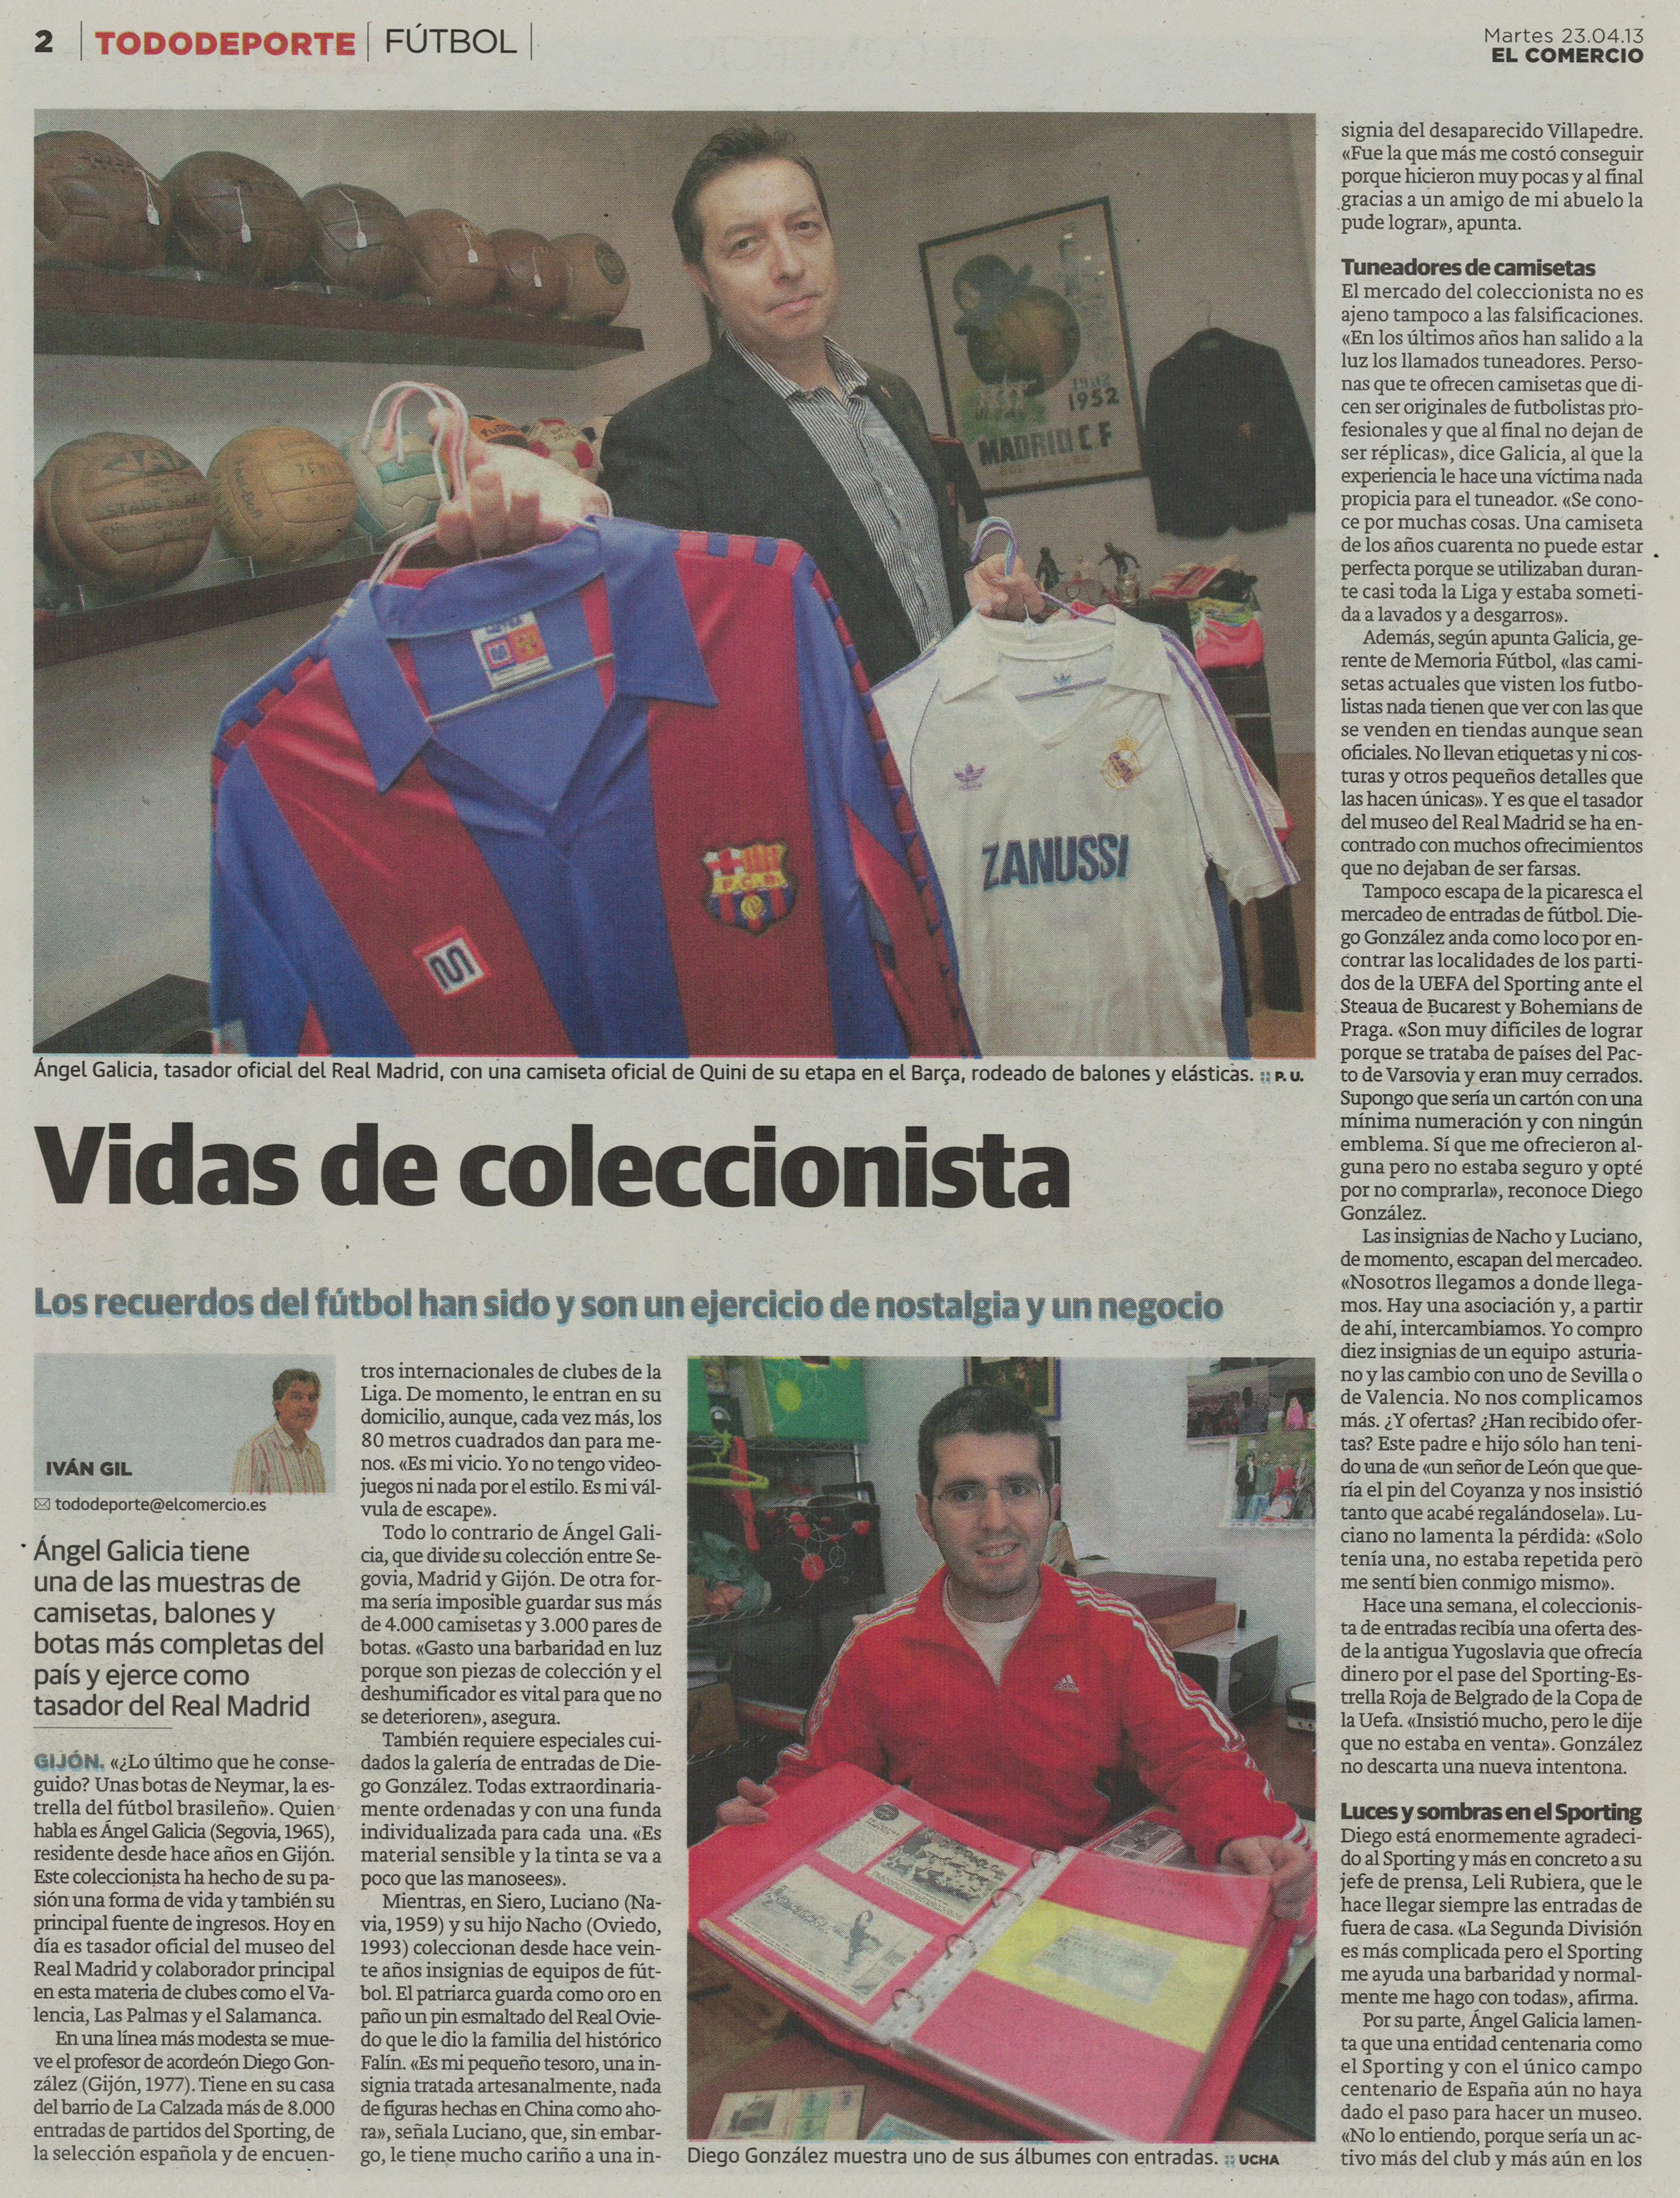 2013-04-23 Diario El Comercio 2